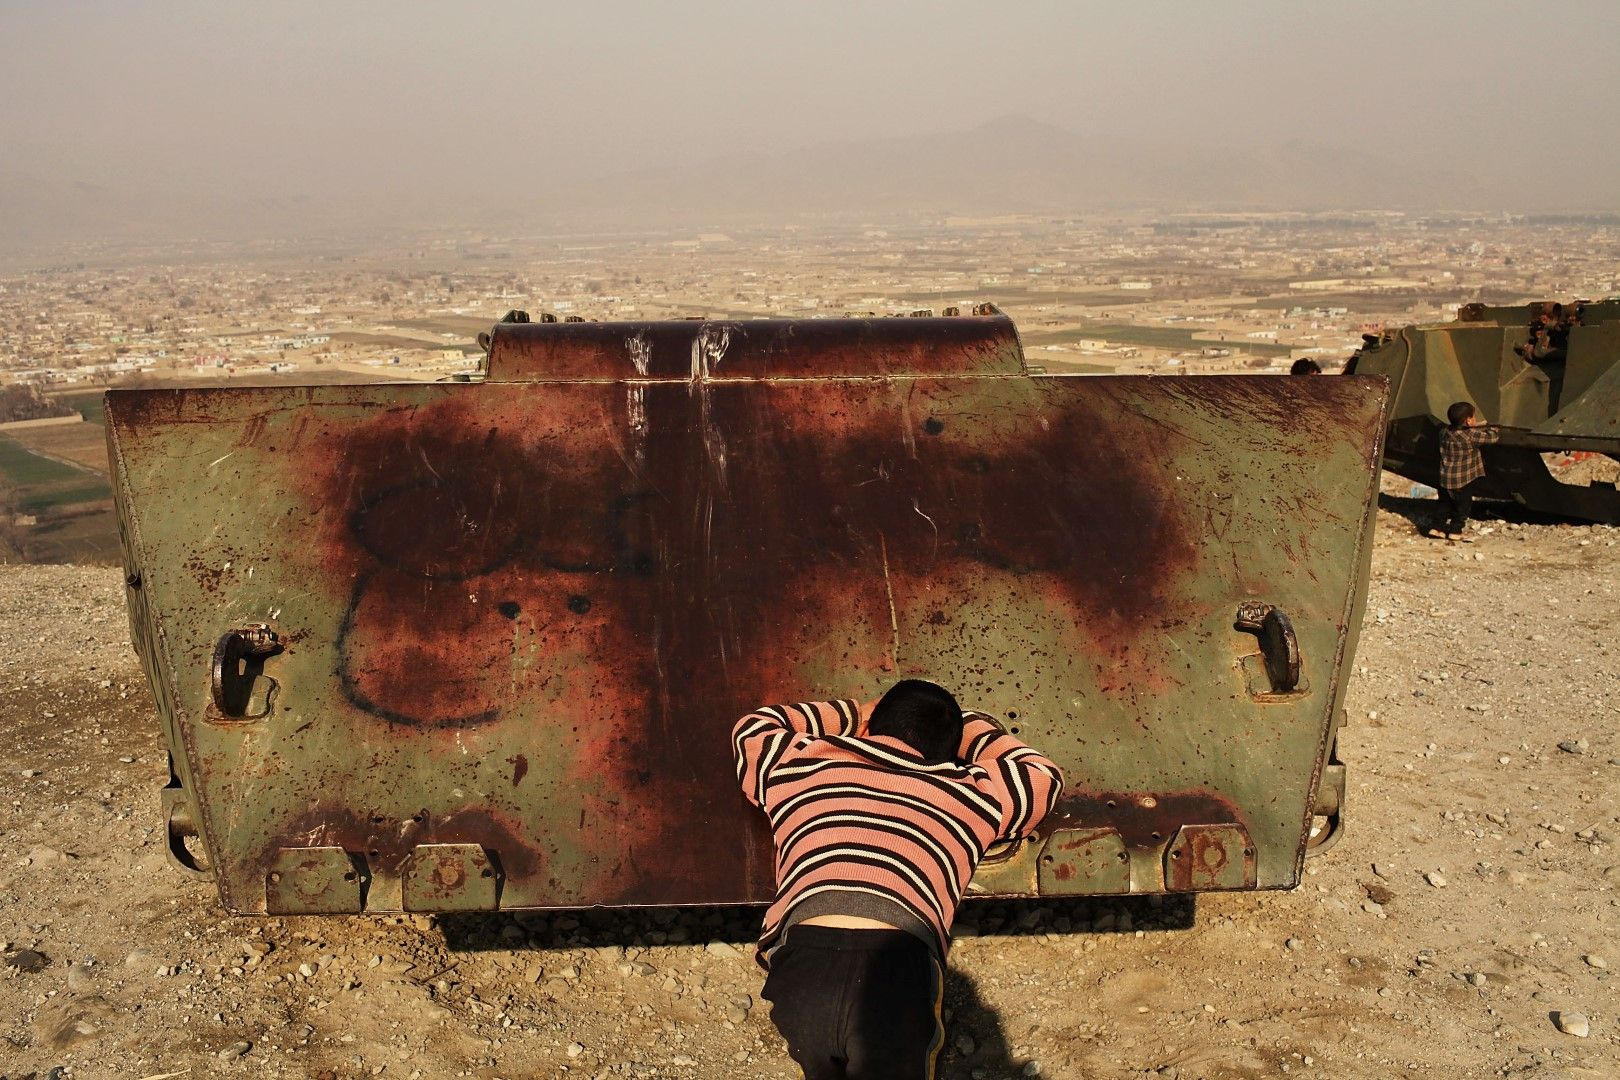 Деца играят на криеница сред останки от съветски бойни машини на хълм над Кабул